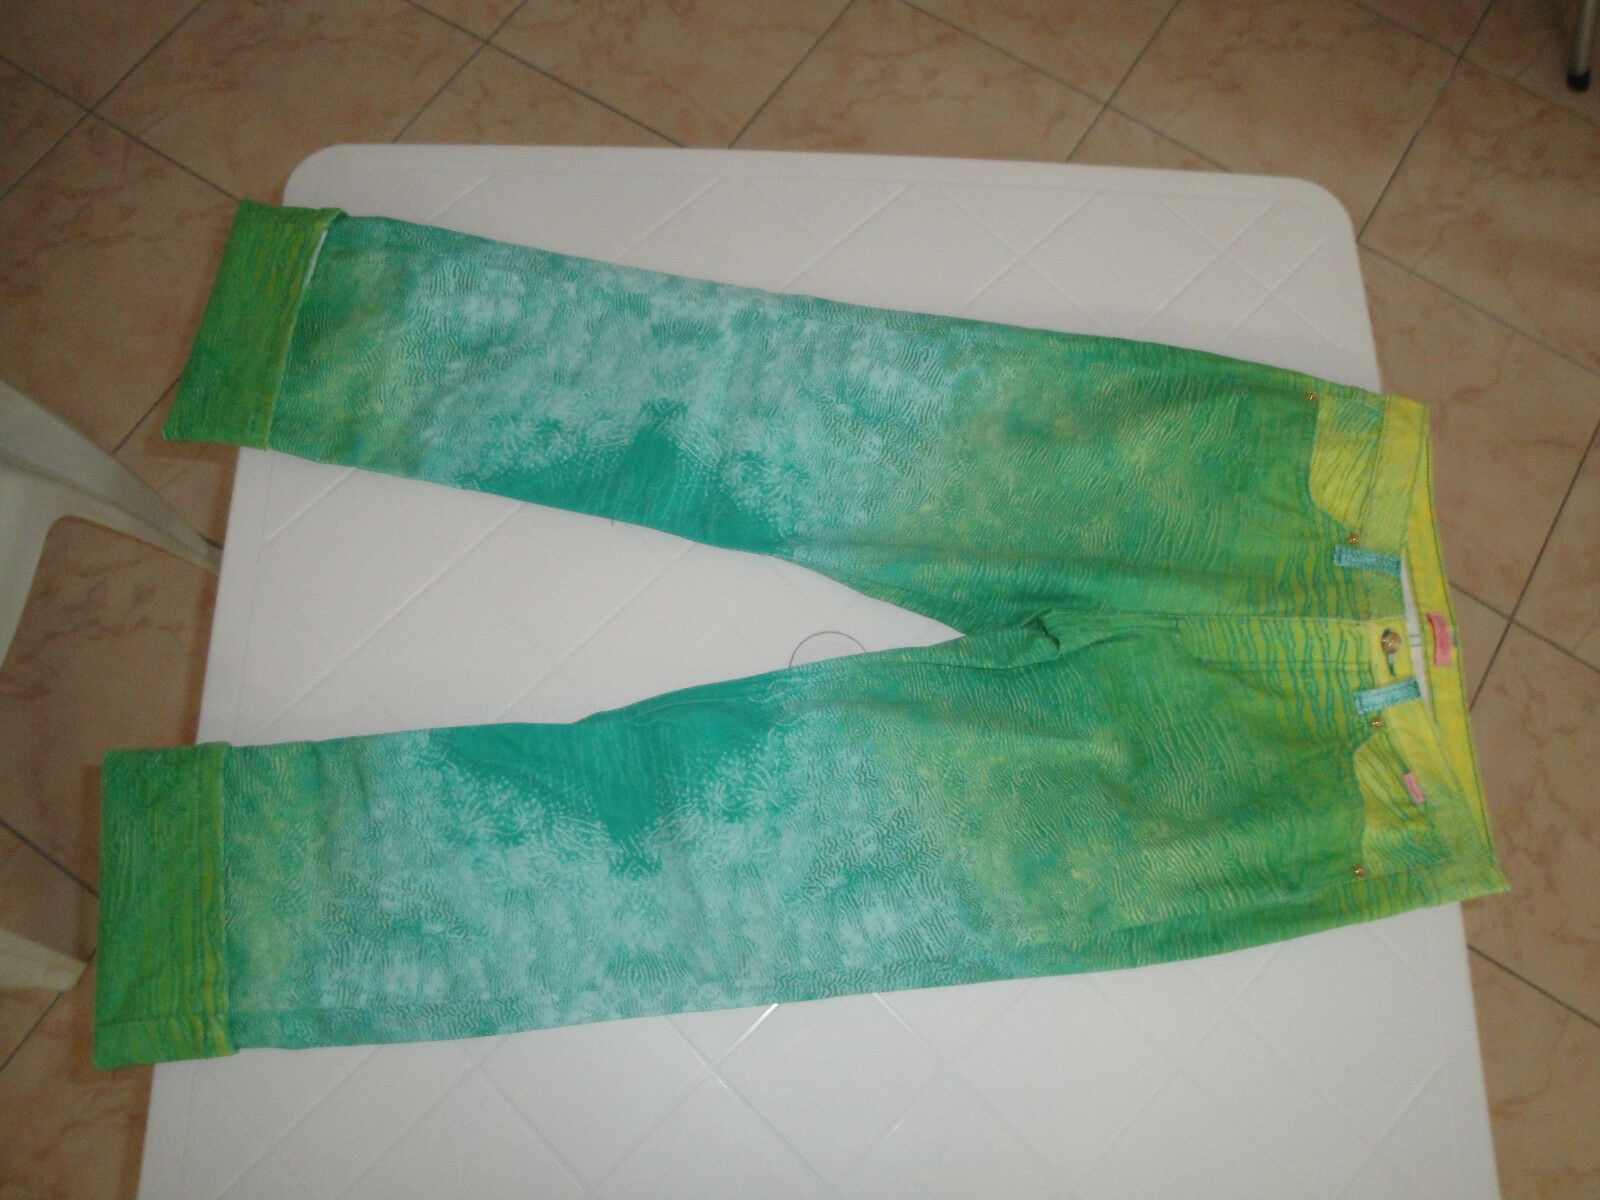 ROBERTO CAVALLI jeans Tg 40 , green E yellow, vita medio-alta